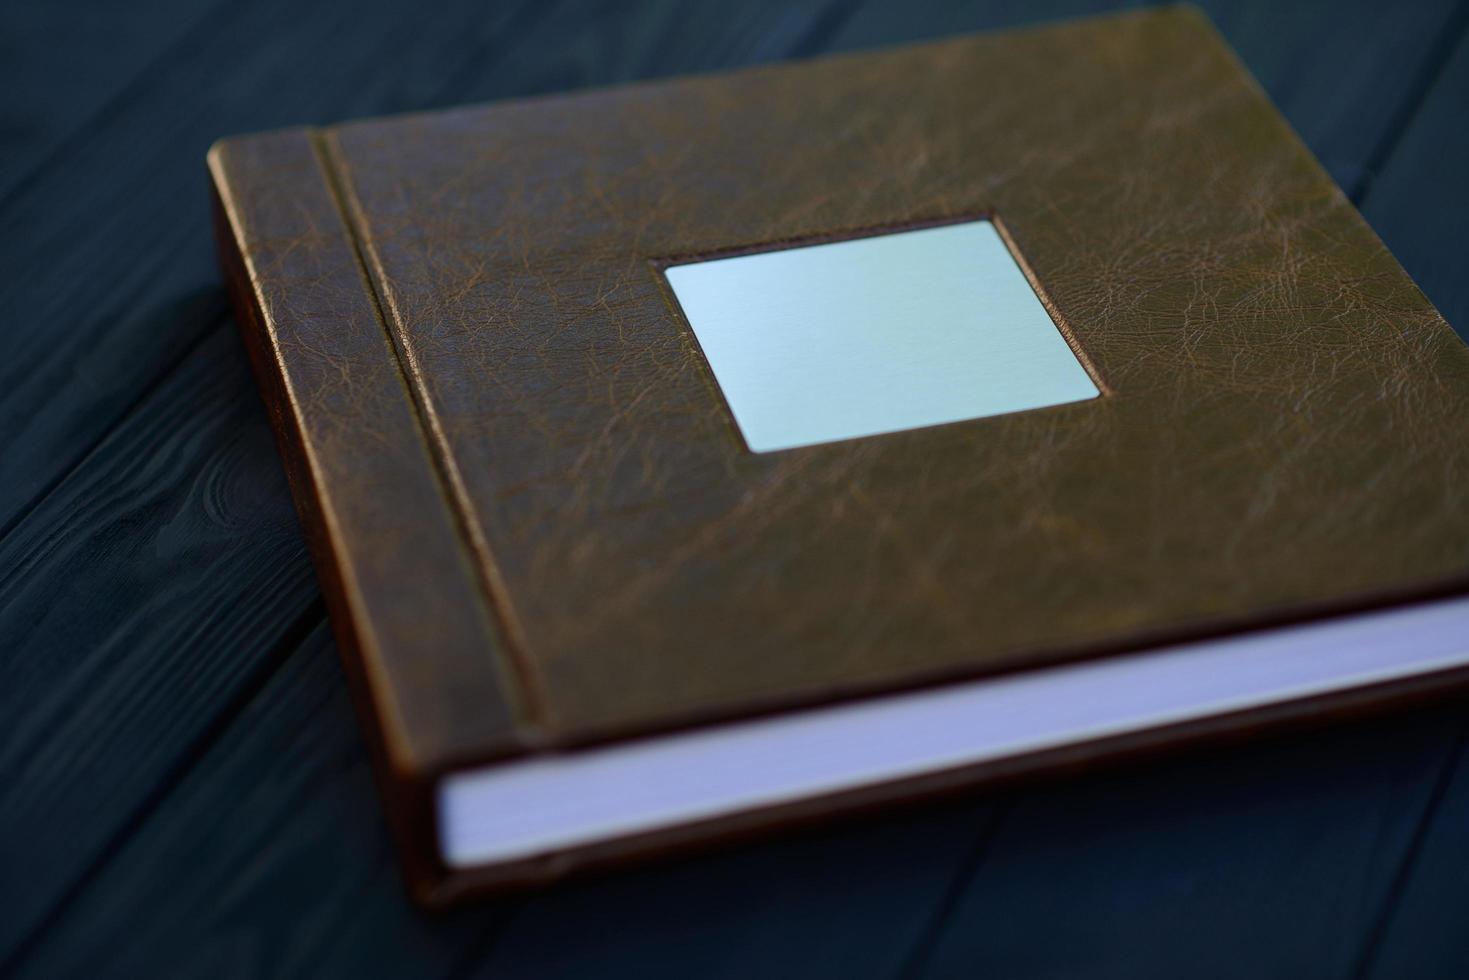 ein Namensschild aus Metall auf dem Cover eines braunen Lederfotobuchs auf schwarzem Holzhintergrund. foto